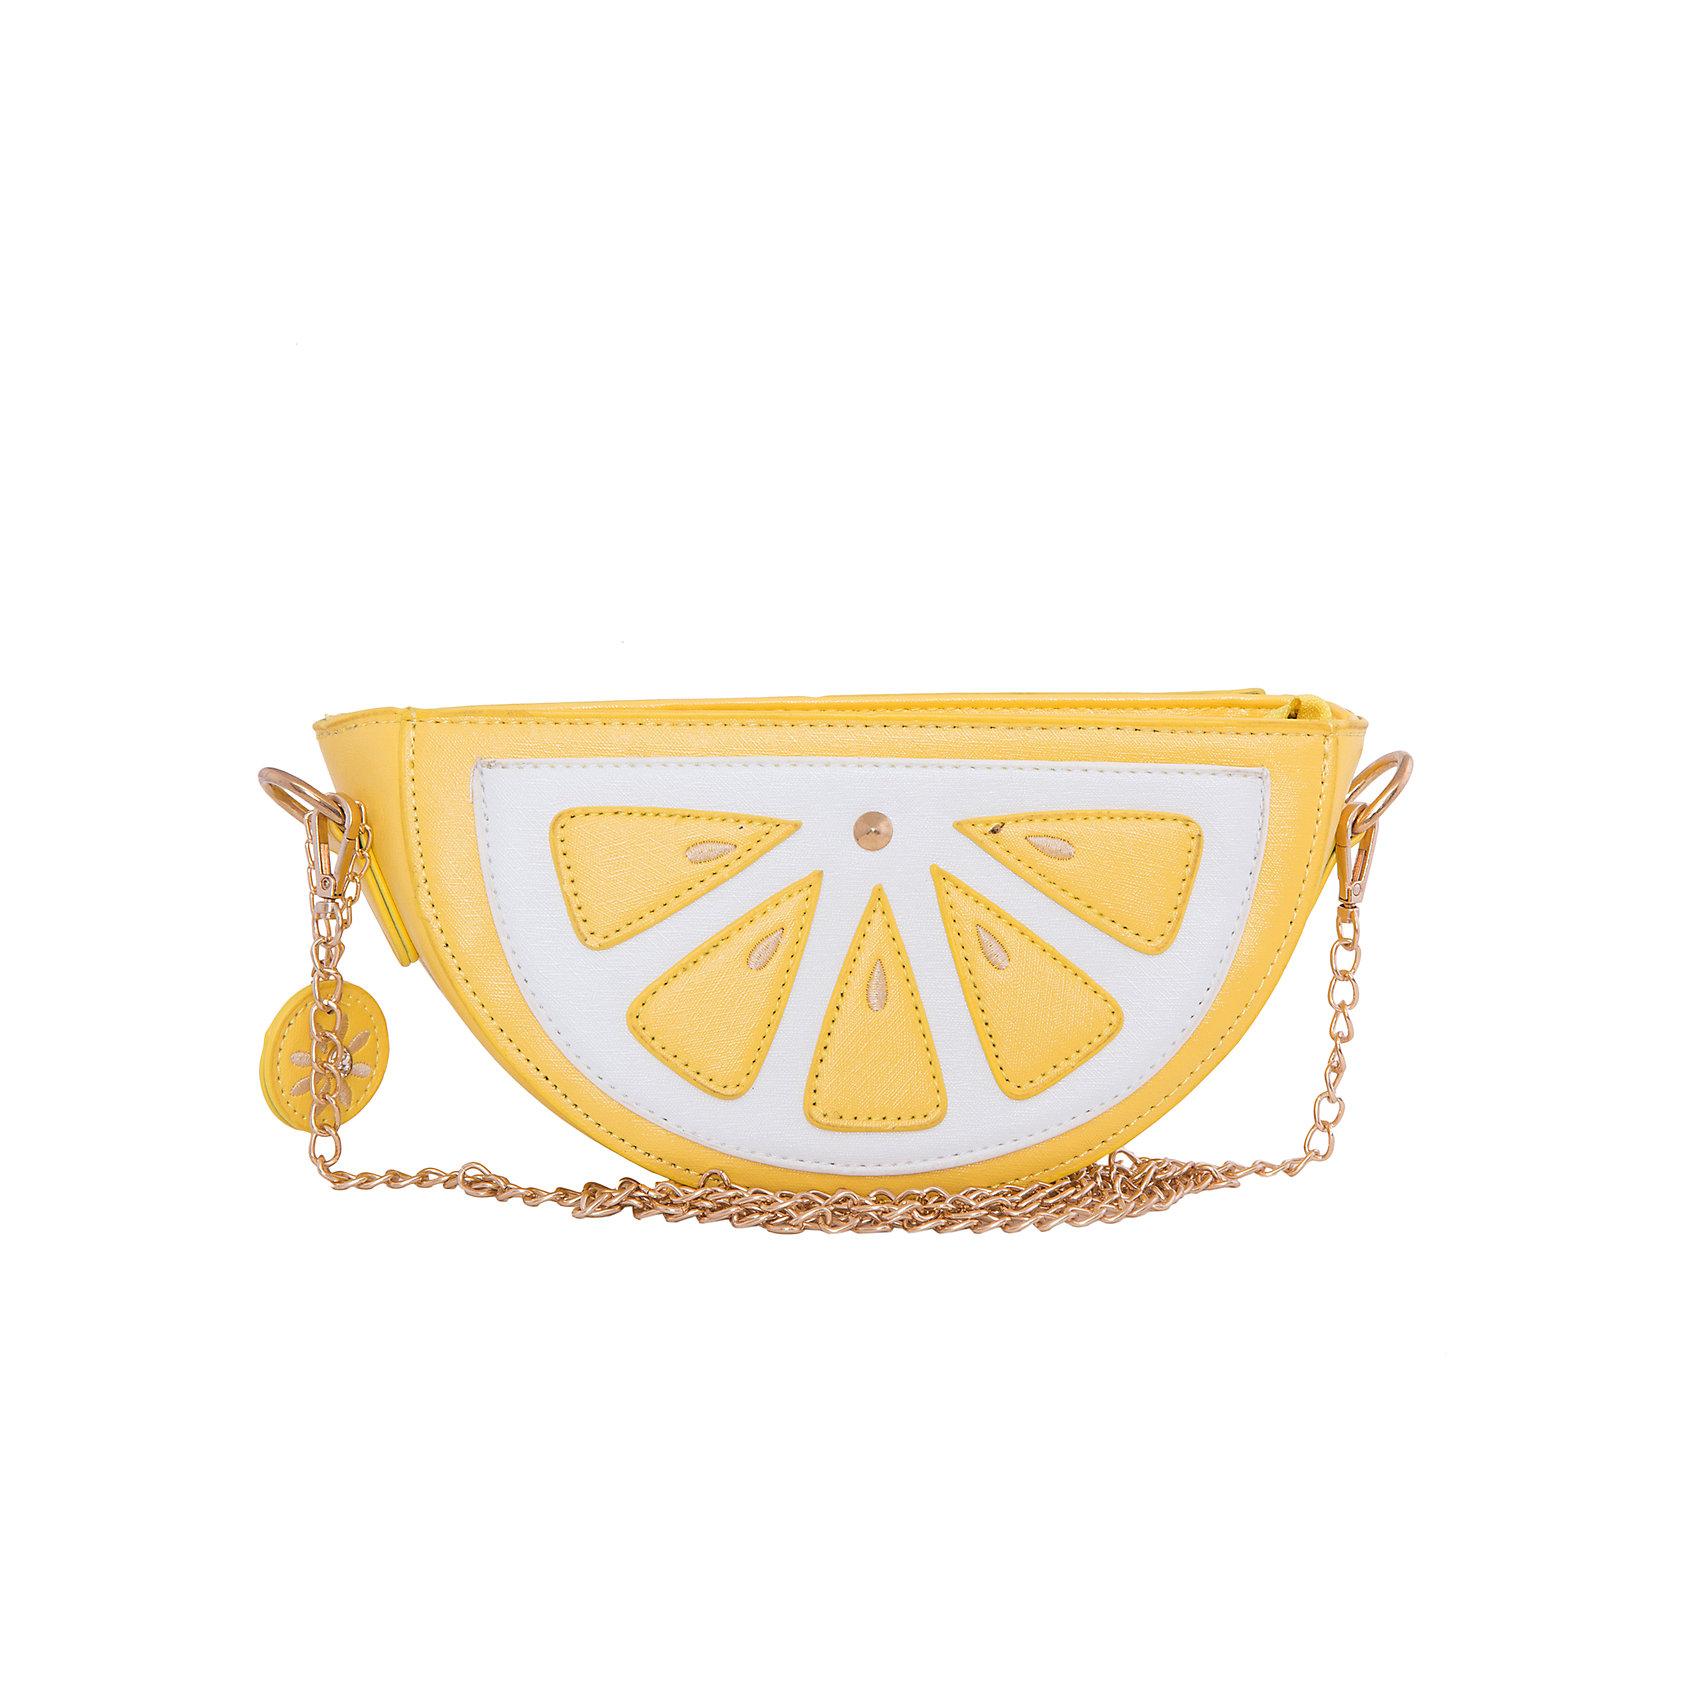 Сумка VITACCIСицилия<br>Характеристики:<br><br>• Тип сумки: сумка<br>• Пол: для девочки<br>• Цвет: желтый, белый<br>• Сезон: круглый год<br>• Тематика рисунка: долька лимона<br>• Тип застежки: молния, магнитная кнопка<br>• Ремешок-цепочка<br>• Одно отделение <br>• Спереди имеется карман<br>• Материал: верх – искусственная кожа, подклад – текстиль <br>• Габариты: ширина – 23,5 см, высота – 12,5 см, глубина – 6 см<br>• Длина ремешка: 120 см<br>• Вес: 300 г<br>• Особенности ухода: влажная чистка, сухая чистка<br><br>Сумка VITACCI от лидера российско-итальянского предприятия, которое специализируется на выпуске высококачественной обуви и аксессуаров как для взрослых, так и для детей. Детские сумки этого торгового бренда изготавливаются с учетом анатомических особенностей детей и имеют эргономичную форму. Форма и дизайн сумок разрабатывается итальянскими ведущими дизайнерами и отражает новейшие тенденции в мире моды. Особенность этого торгового бренда заключается в эксклюзивном сочетании материалов разных фактур и декорирование изделий стильными аксессуарами. <br><br>Сумка VITACCI изготовлена из экологически безопасной искусственной кожи. Имеет одно просторное отделение, застегивающееся на молнию и внешний карман, фиксируемый на магнитную. Плечевой ремешок выполнен из цепочки золотистого цвета. Сумка представлена в брендовом дизайне: в форме сочной дольки лимона.<br>Сумка VITACCI – это стильный аксессуар, который создаст неповторимый образ вашей девочки! <br><br>Сумку VITACCI можно купить в нашем интернет-магазине.<br><br>Ширина мм: 170<br>Глубина мм: 157<br>Высота мм: 67<br>Вес г: 117<br>Цвет: желтый<br>Возраст от месяцев: 36<br>Возраст до месяцев: 144<br>Пол: Женский<br>Возраст: Детский<br>Размер: one size<br>SKU: 5347509